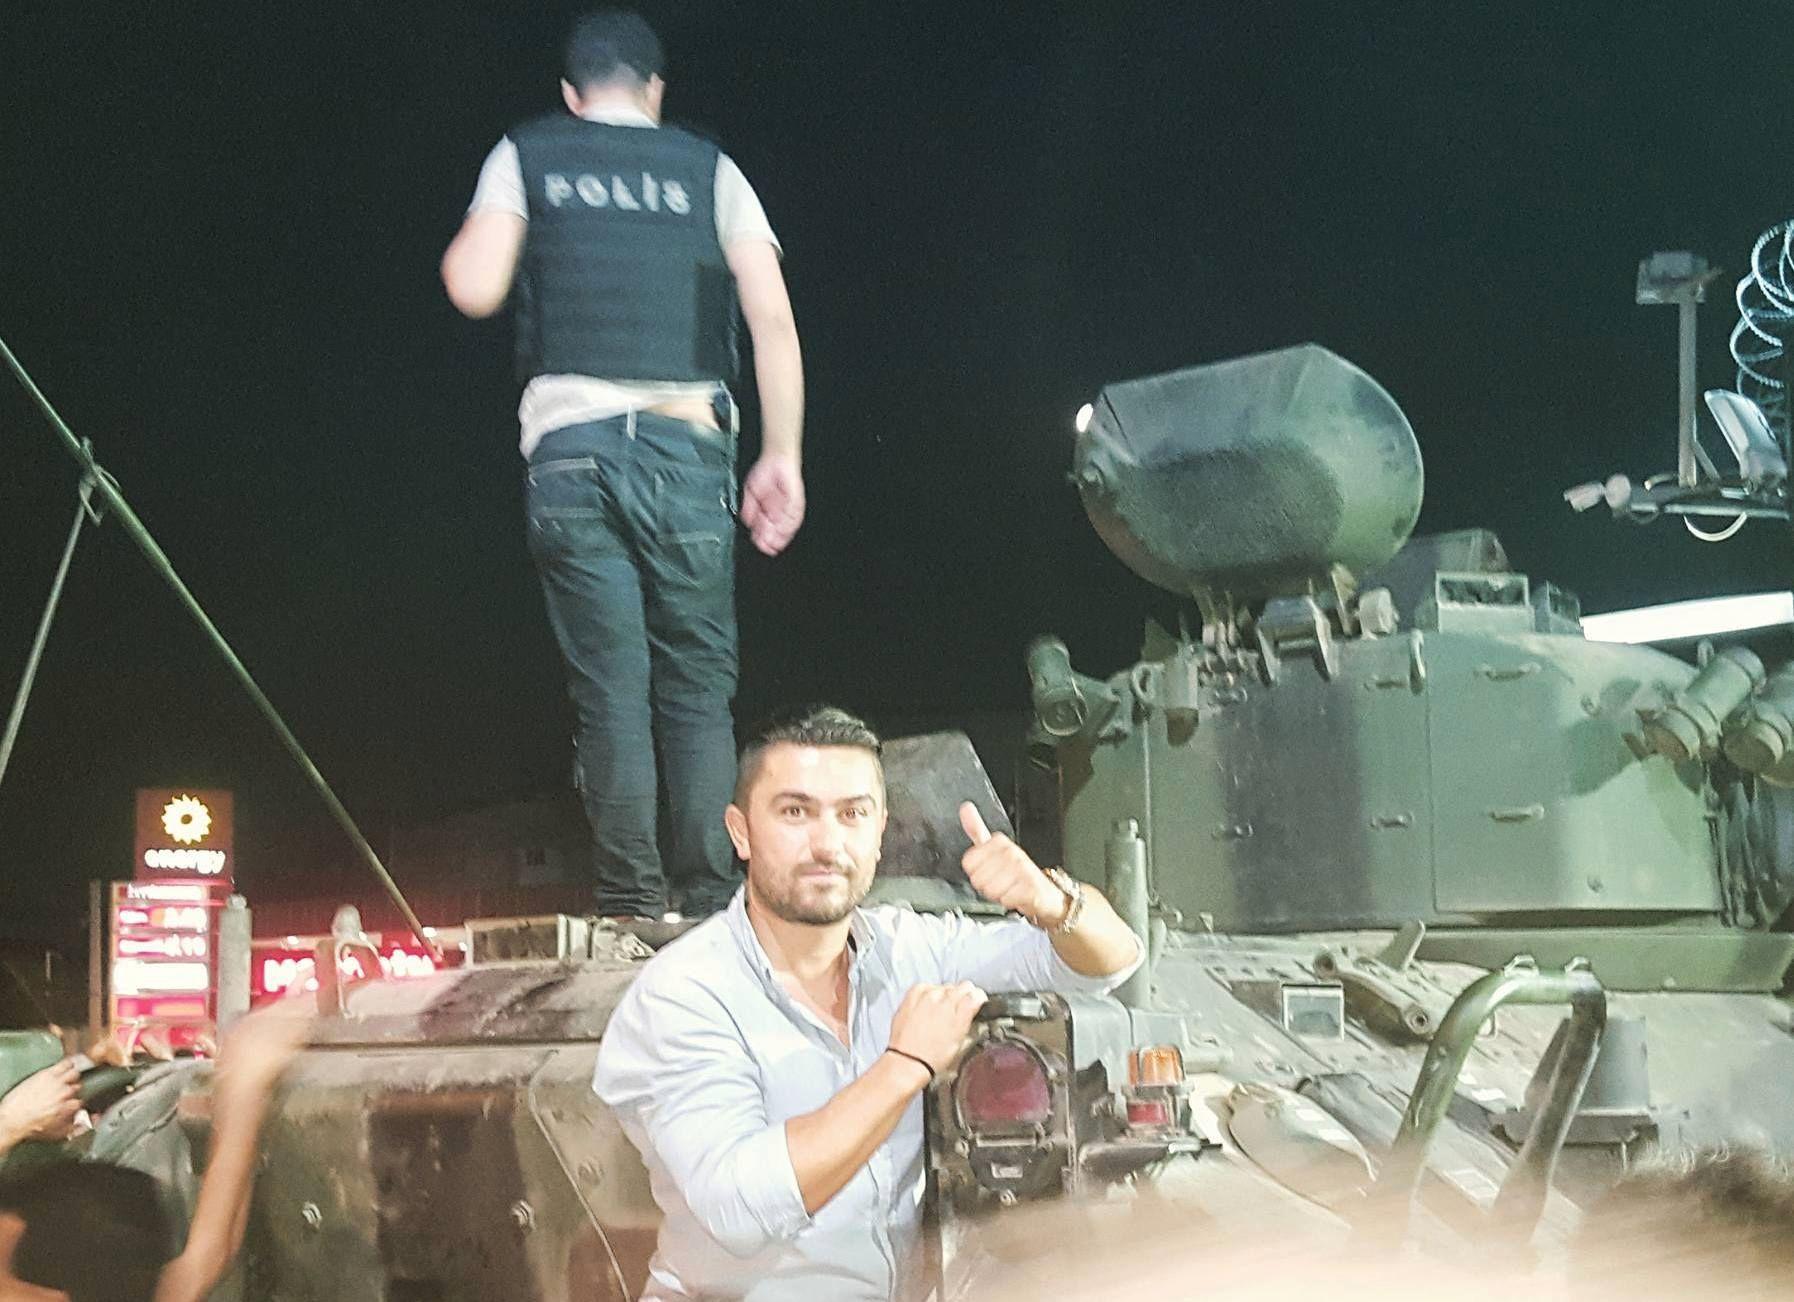 STORT POLITIOPPBUD: Erdogan Ileri (36) fra Oslo forteller om kaotiske scener i den tyrkiske byen Istanbul natt til lørdag. Et enormt politikorps er tilstede i byen etter at det meldinger om at militæret, eller deler av militæret, hadde gjennomført et statskupp.